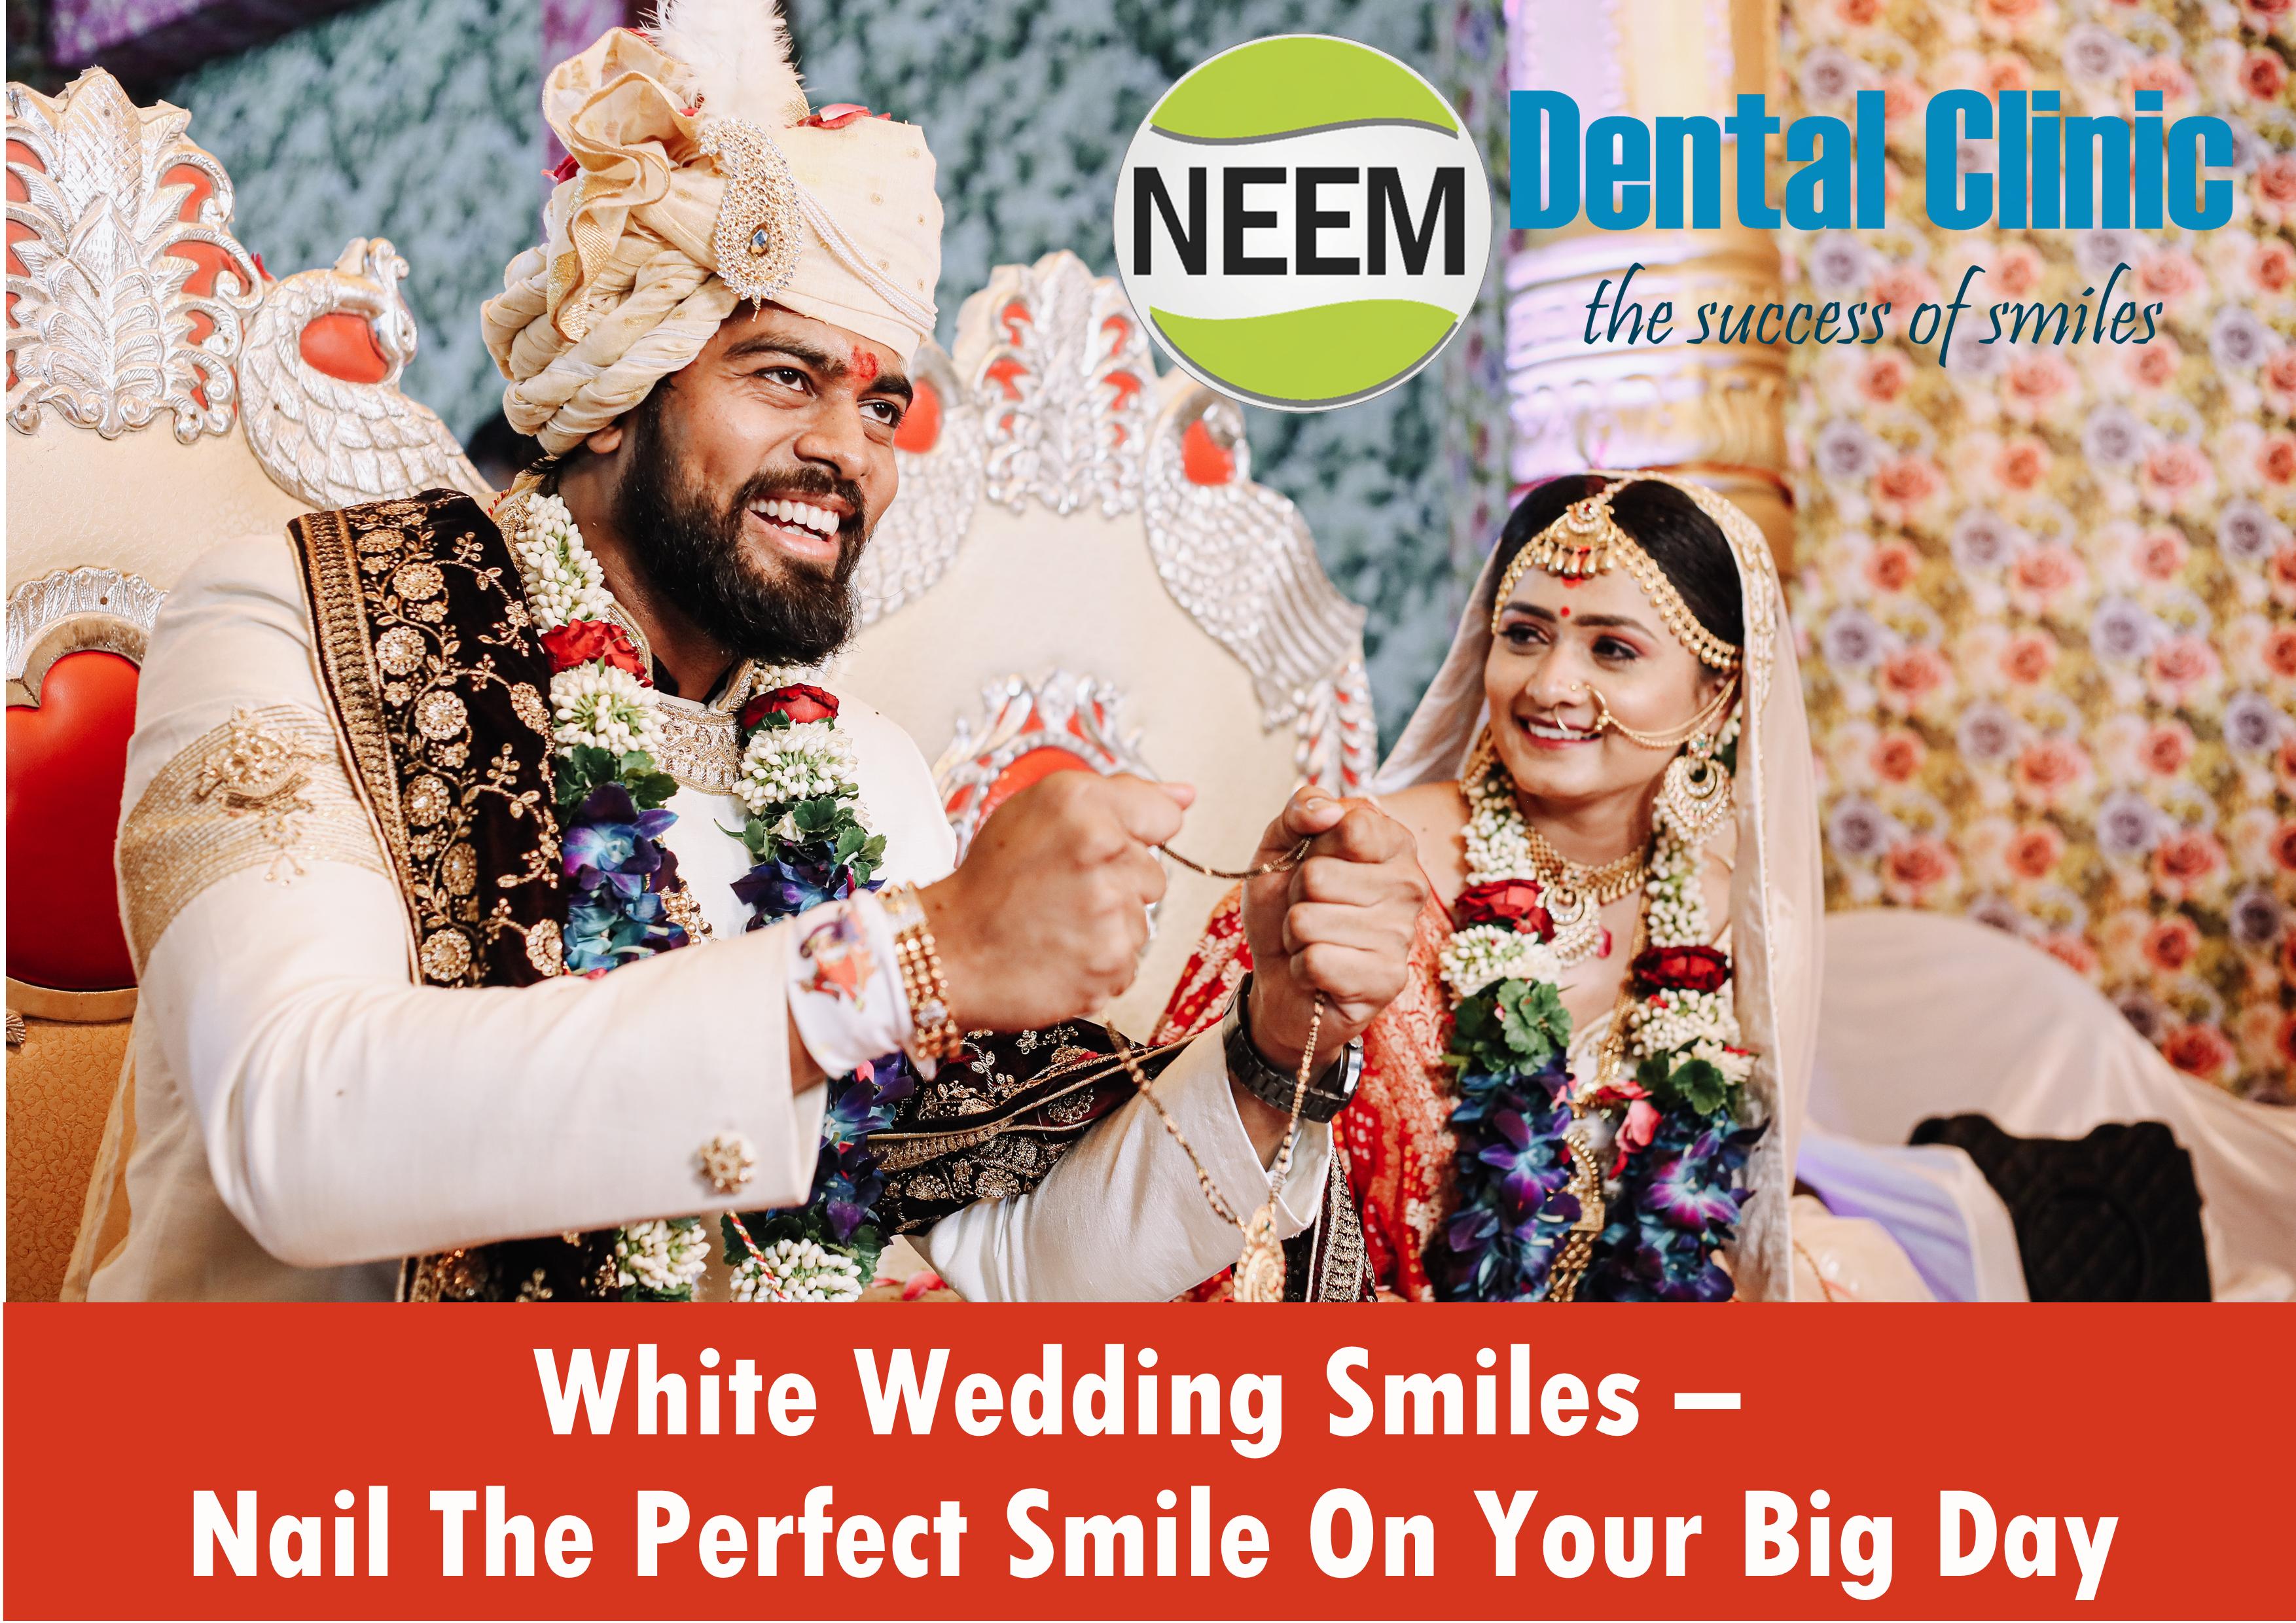 White Wedding Smiles